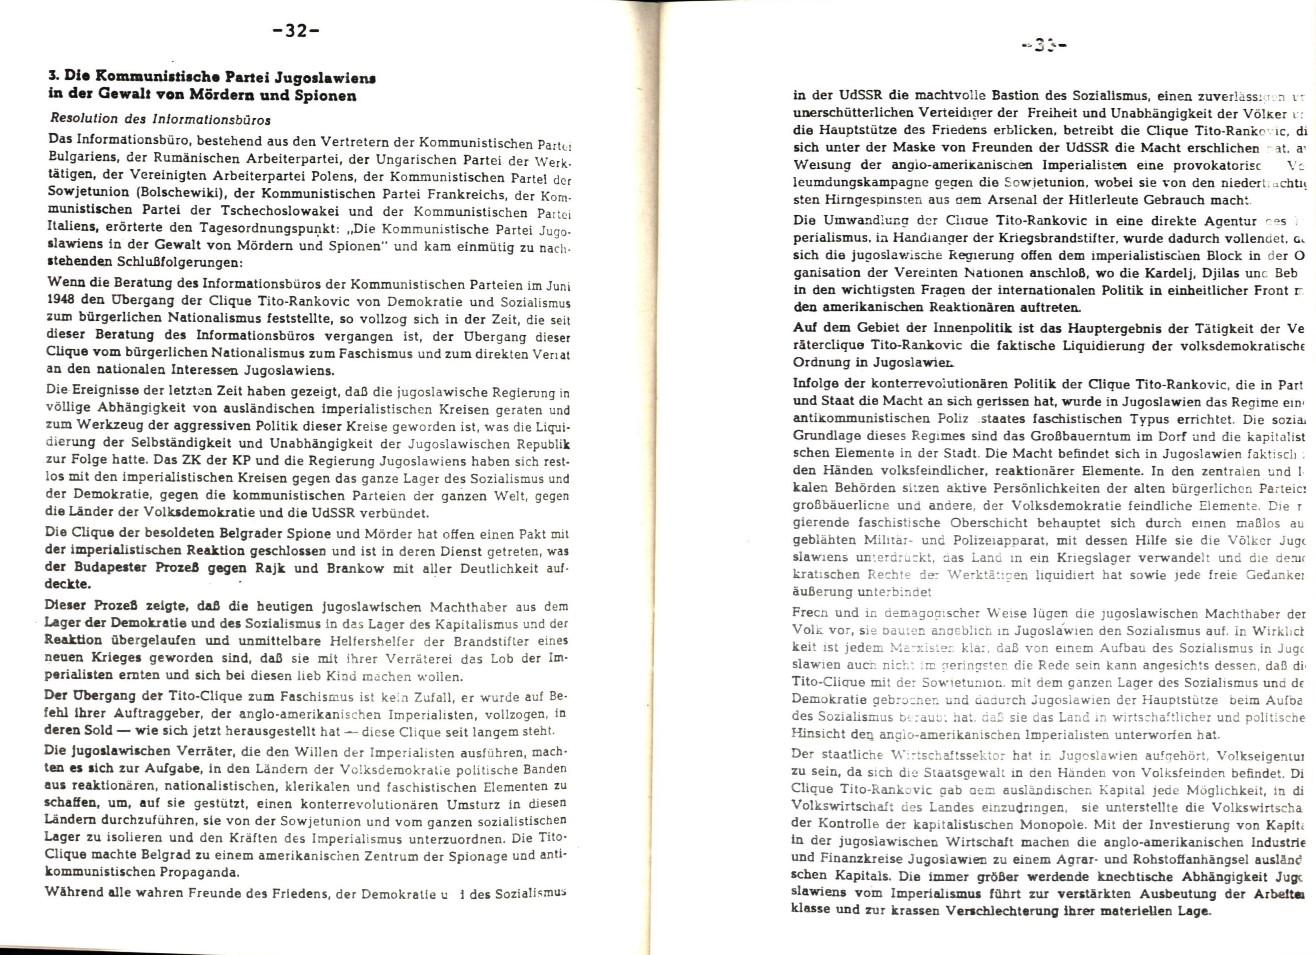 MLSK_Theorie_und_Praxis_des_ML_1979_24_18